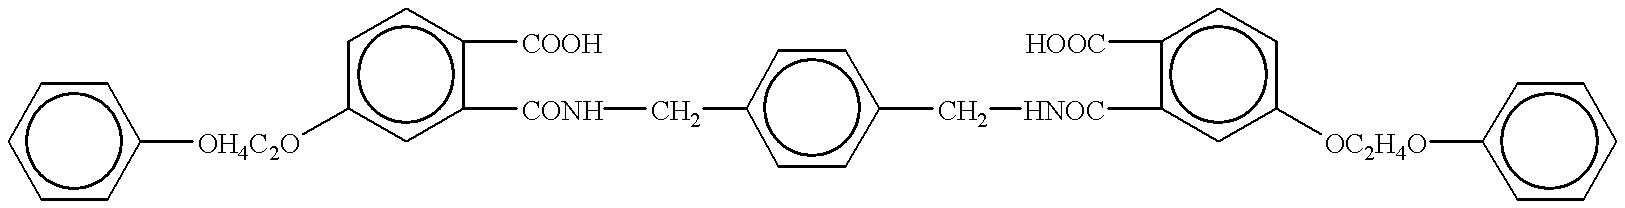 Figure US06180560-20010130-C00415